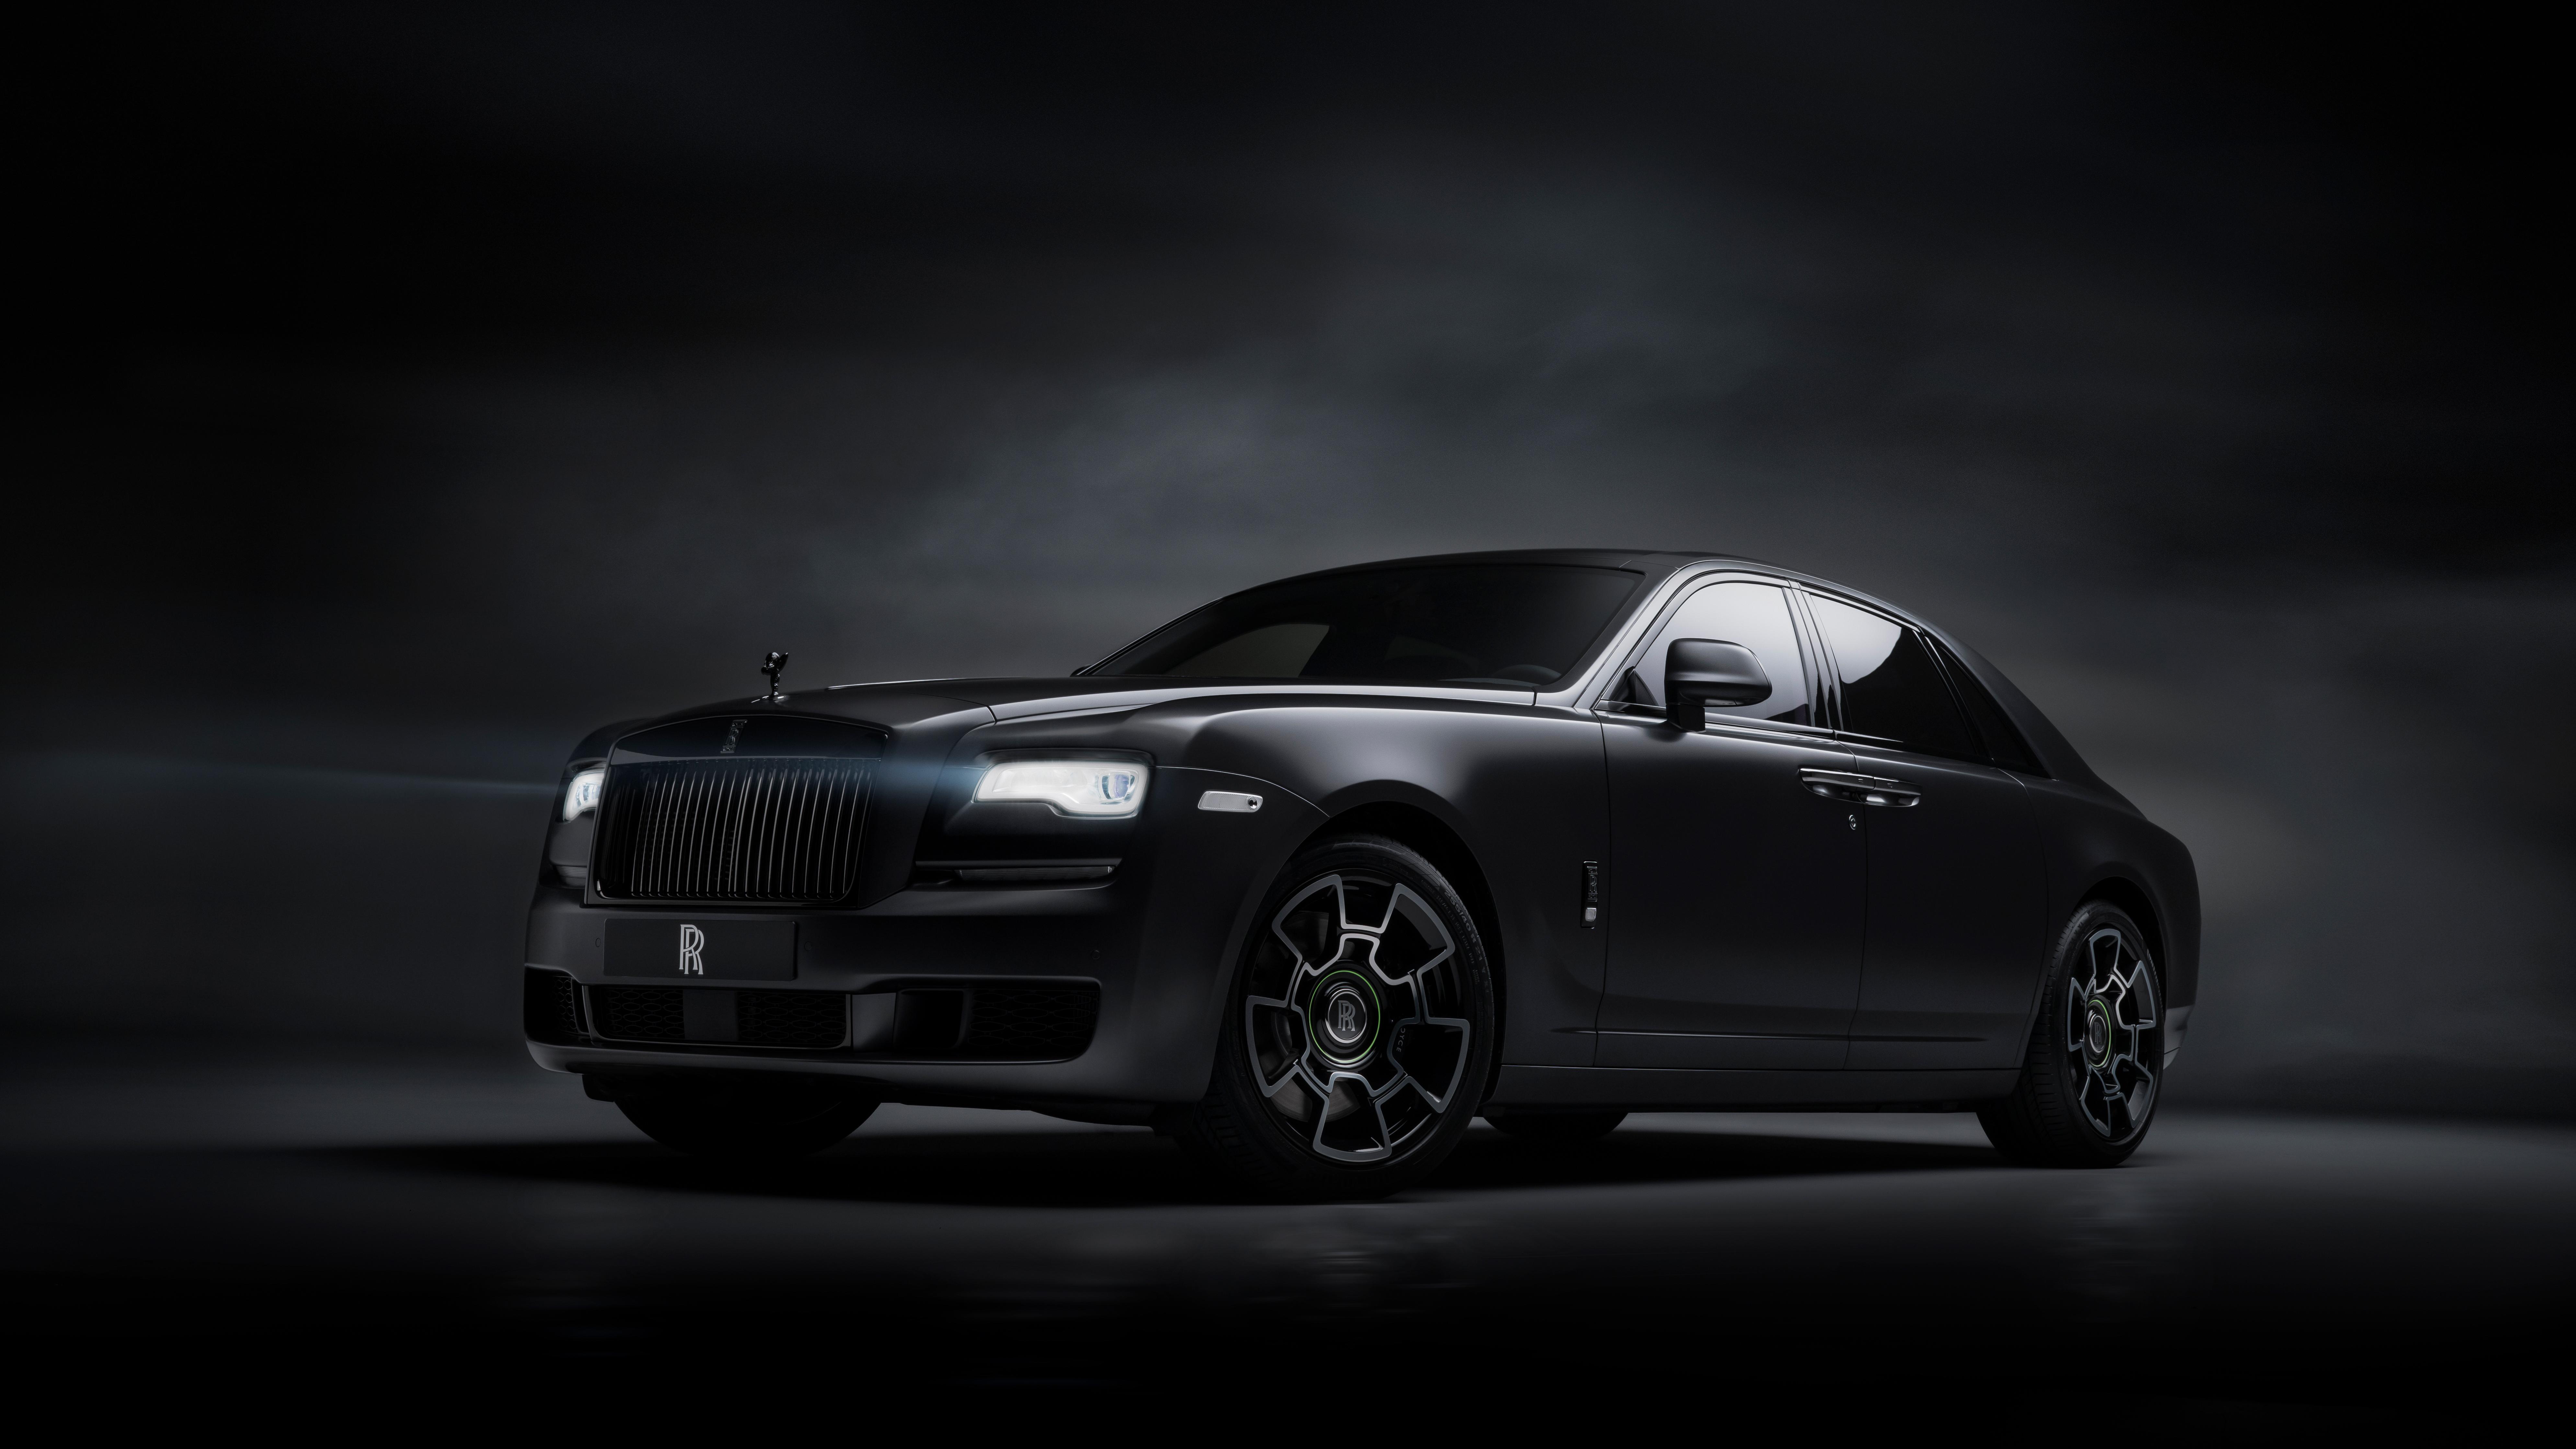 Rolls Royce Ghost Black Badge 2019, HD Cars, 4k Wallpapers ...